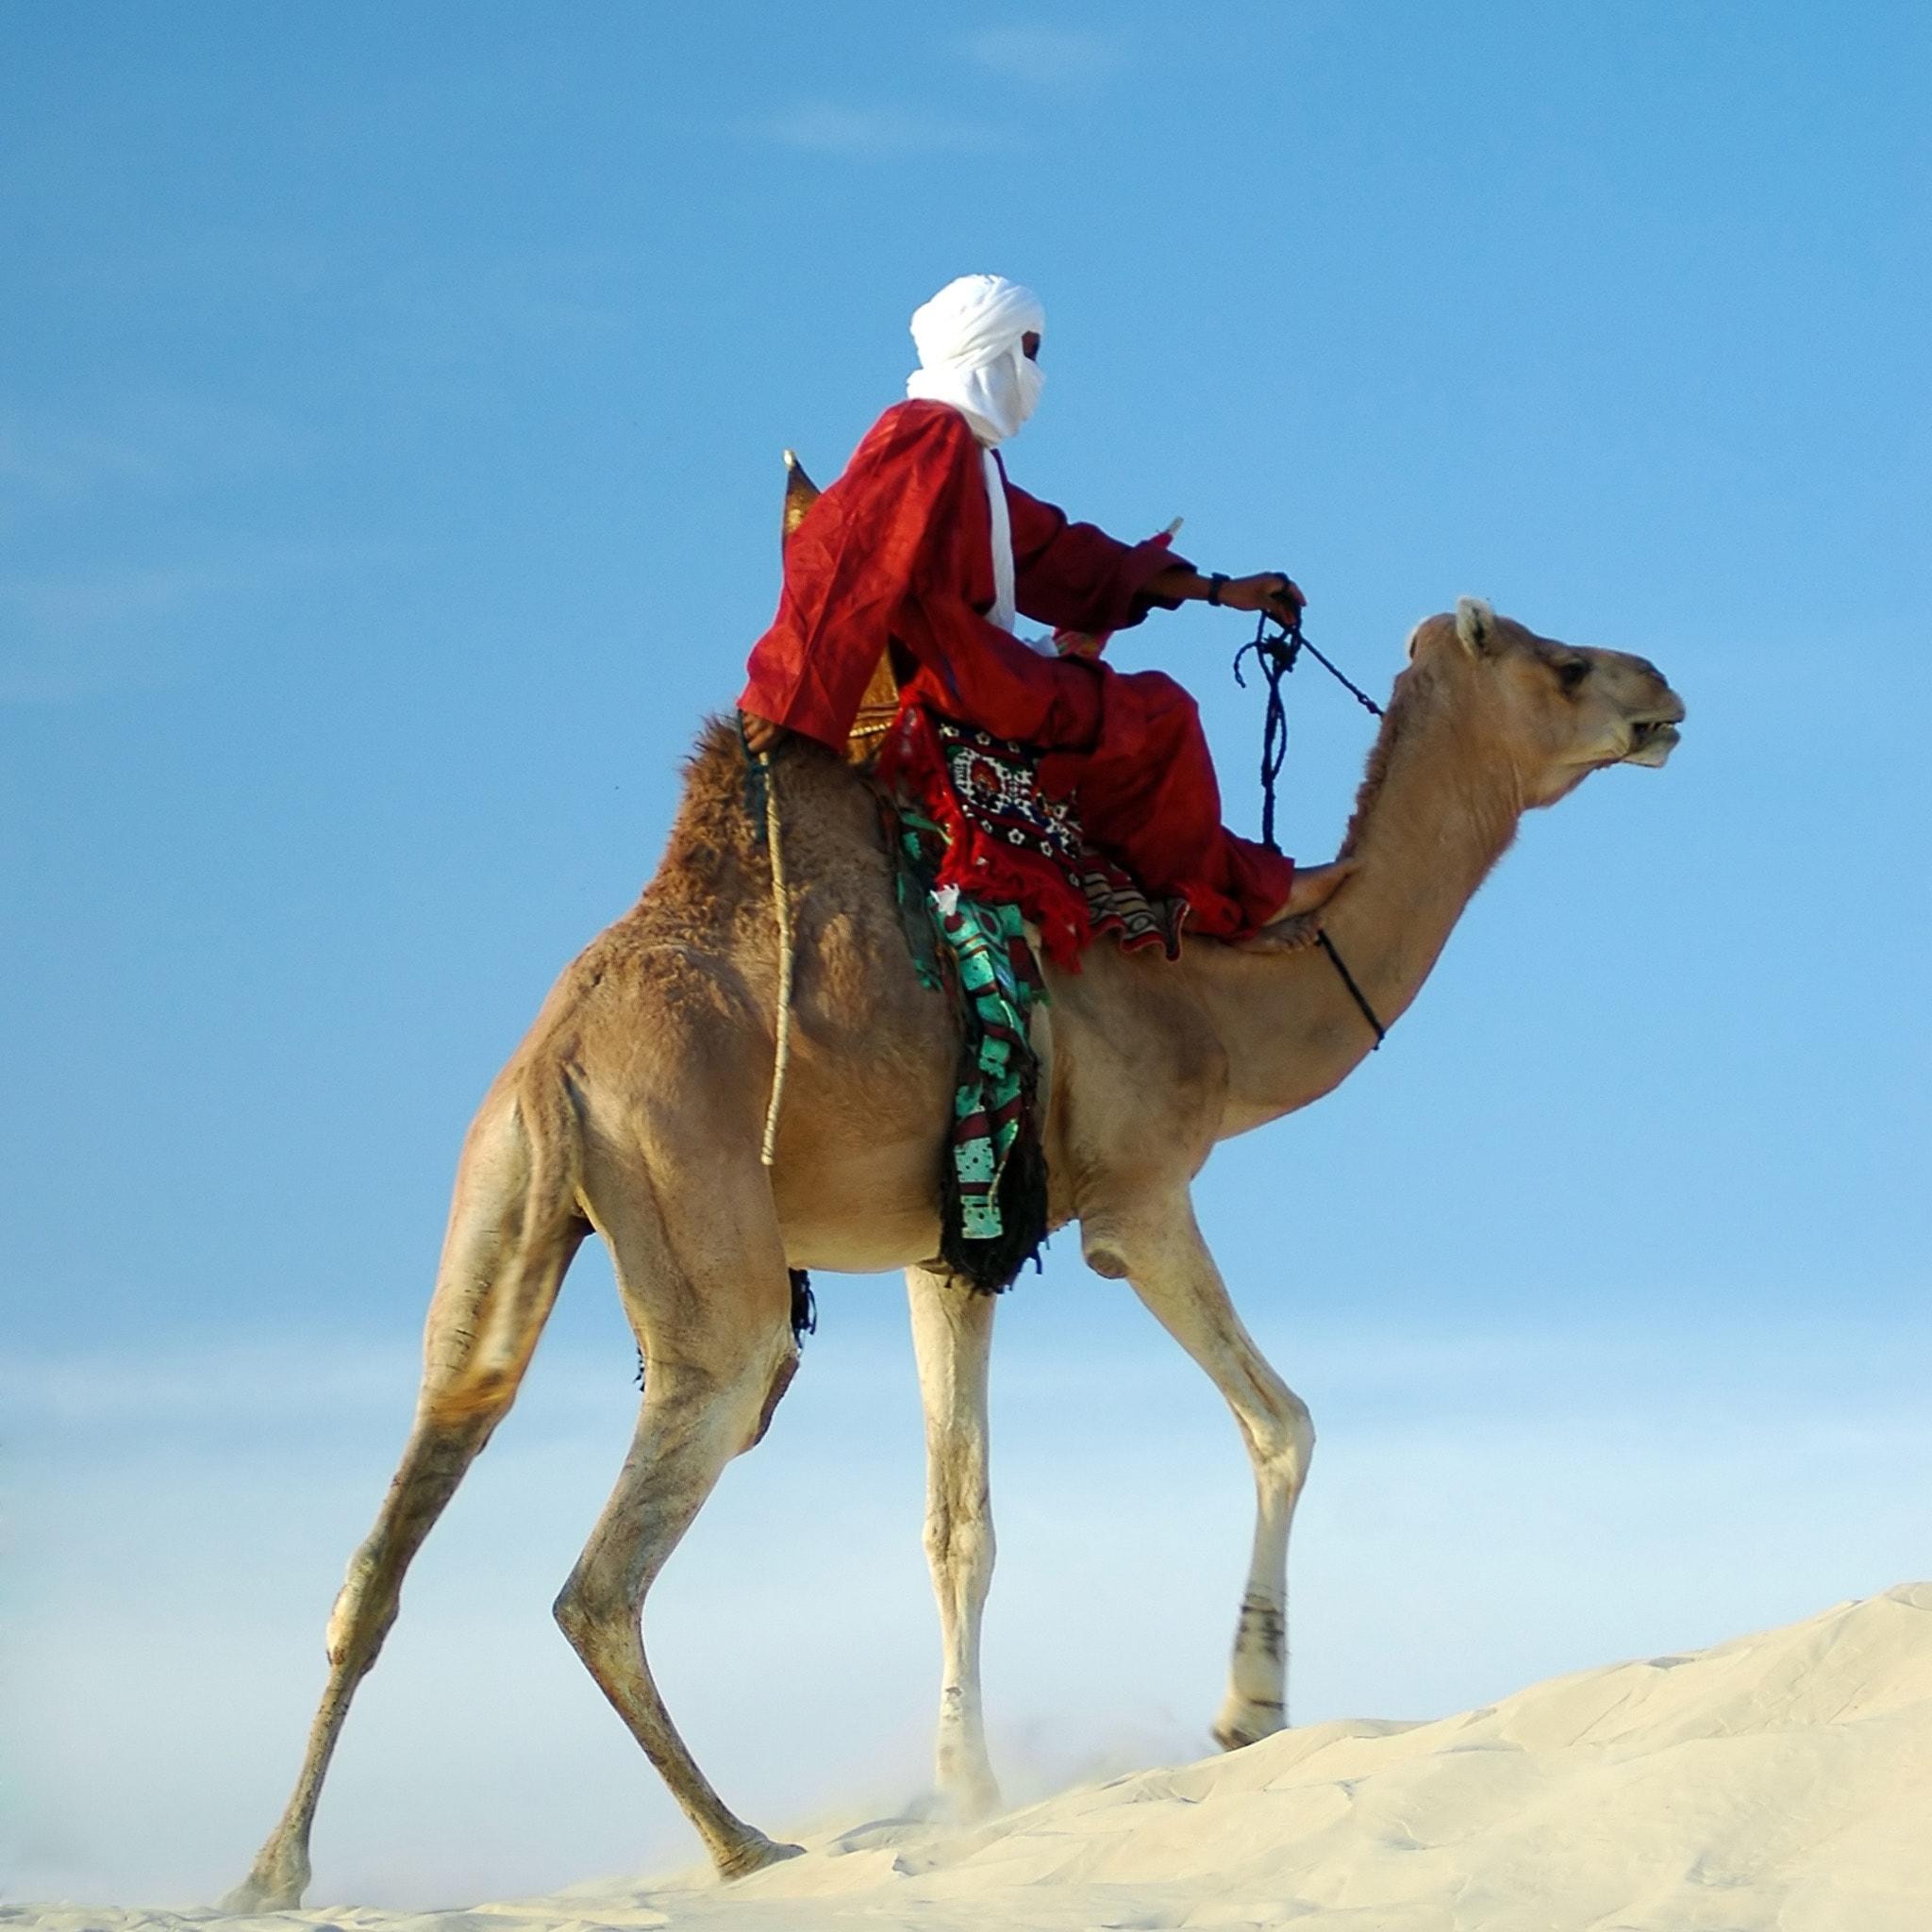 Camel New